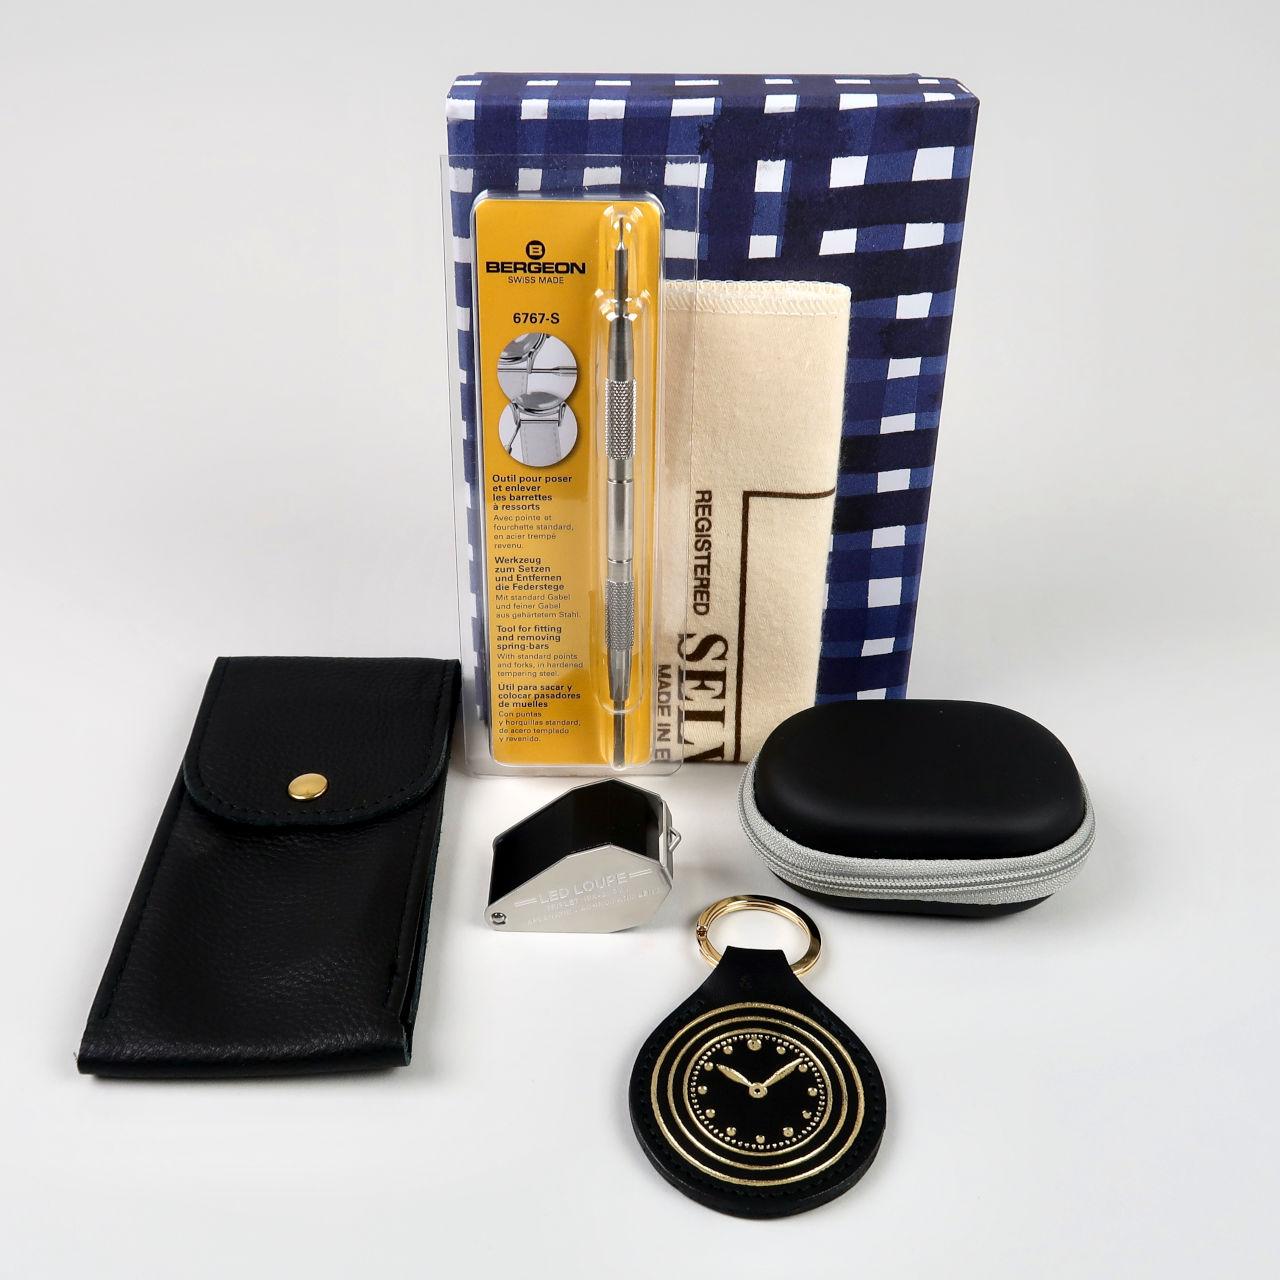 Watch Accessories Gift Set - 1